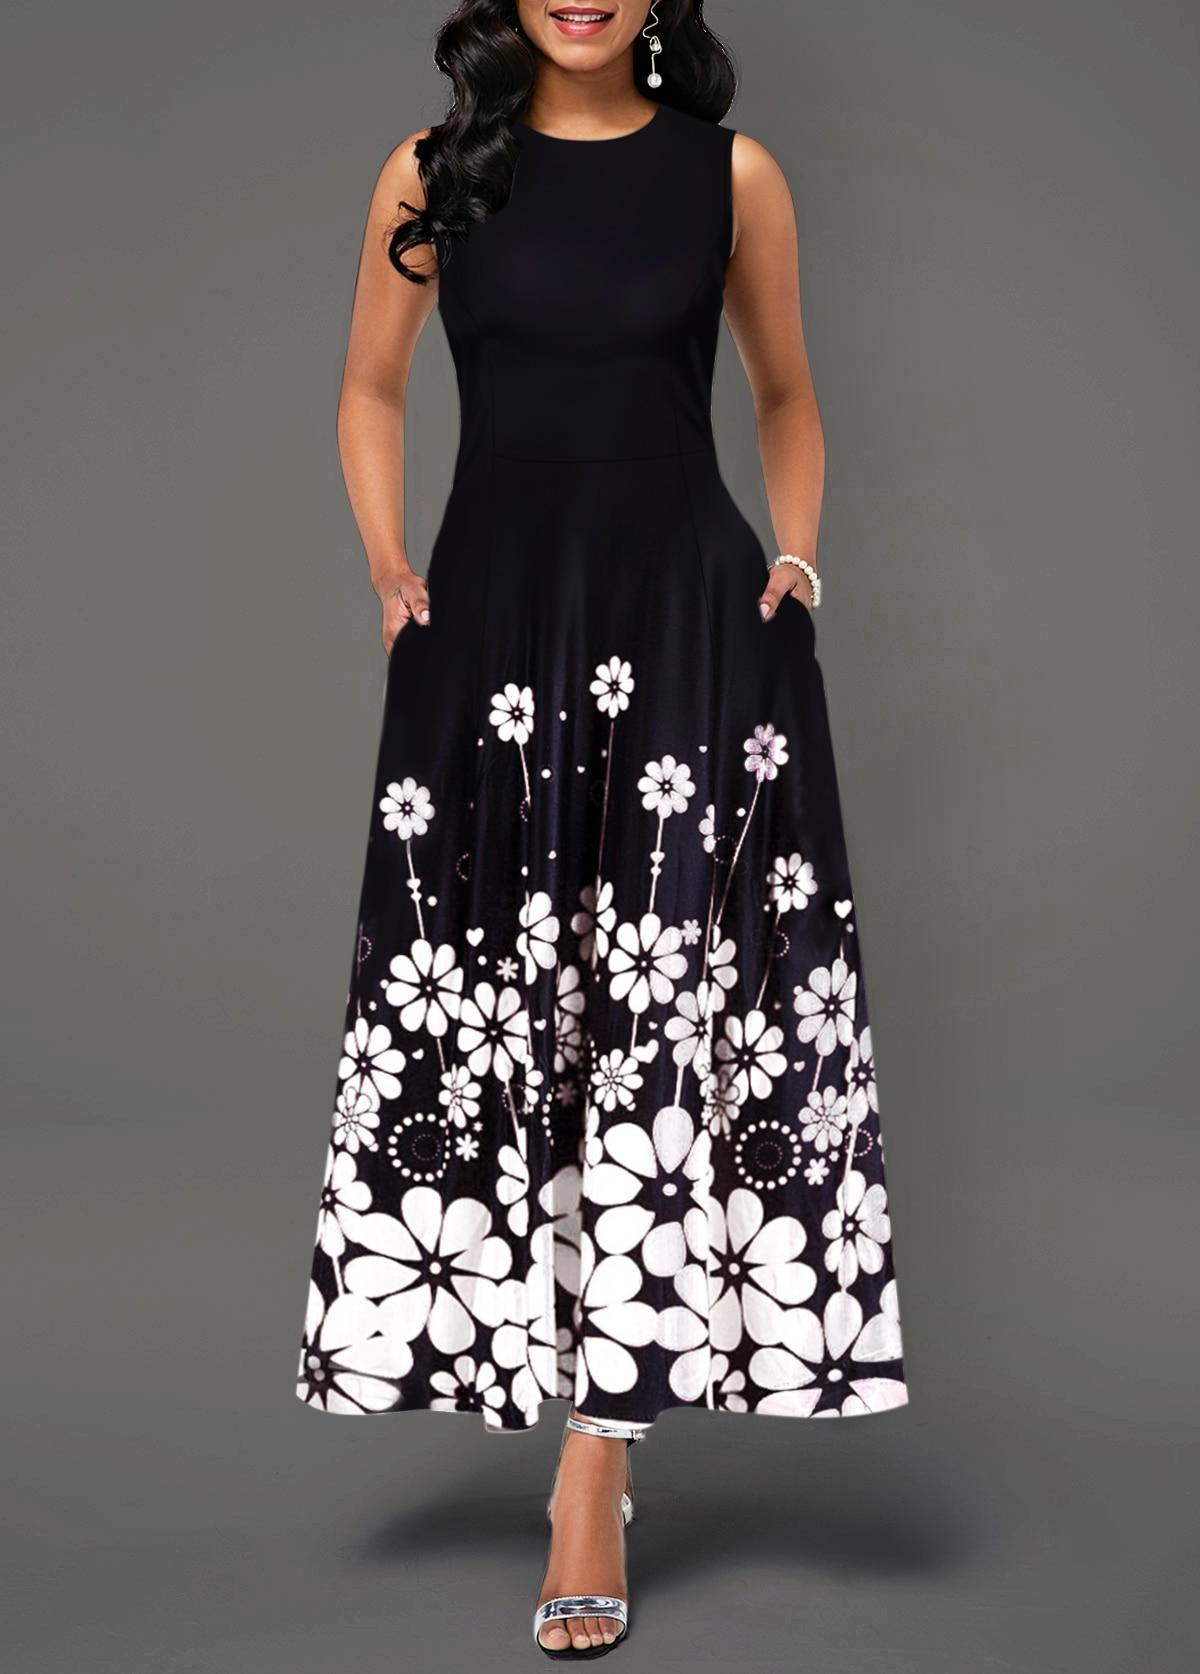 Элегантное женское длинное платье макси с цветочным принтом большого размера, вечернее пляжное платье, Летнее Длинное платье без рукавов с цветочным принтом, костюм - Цвет: Черный